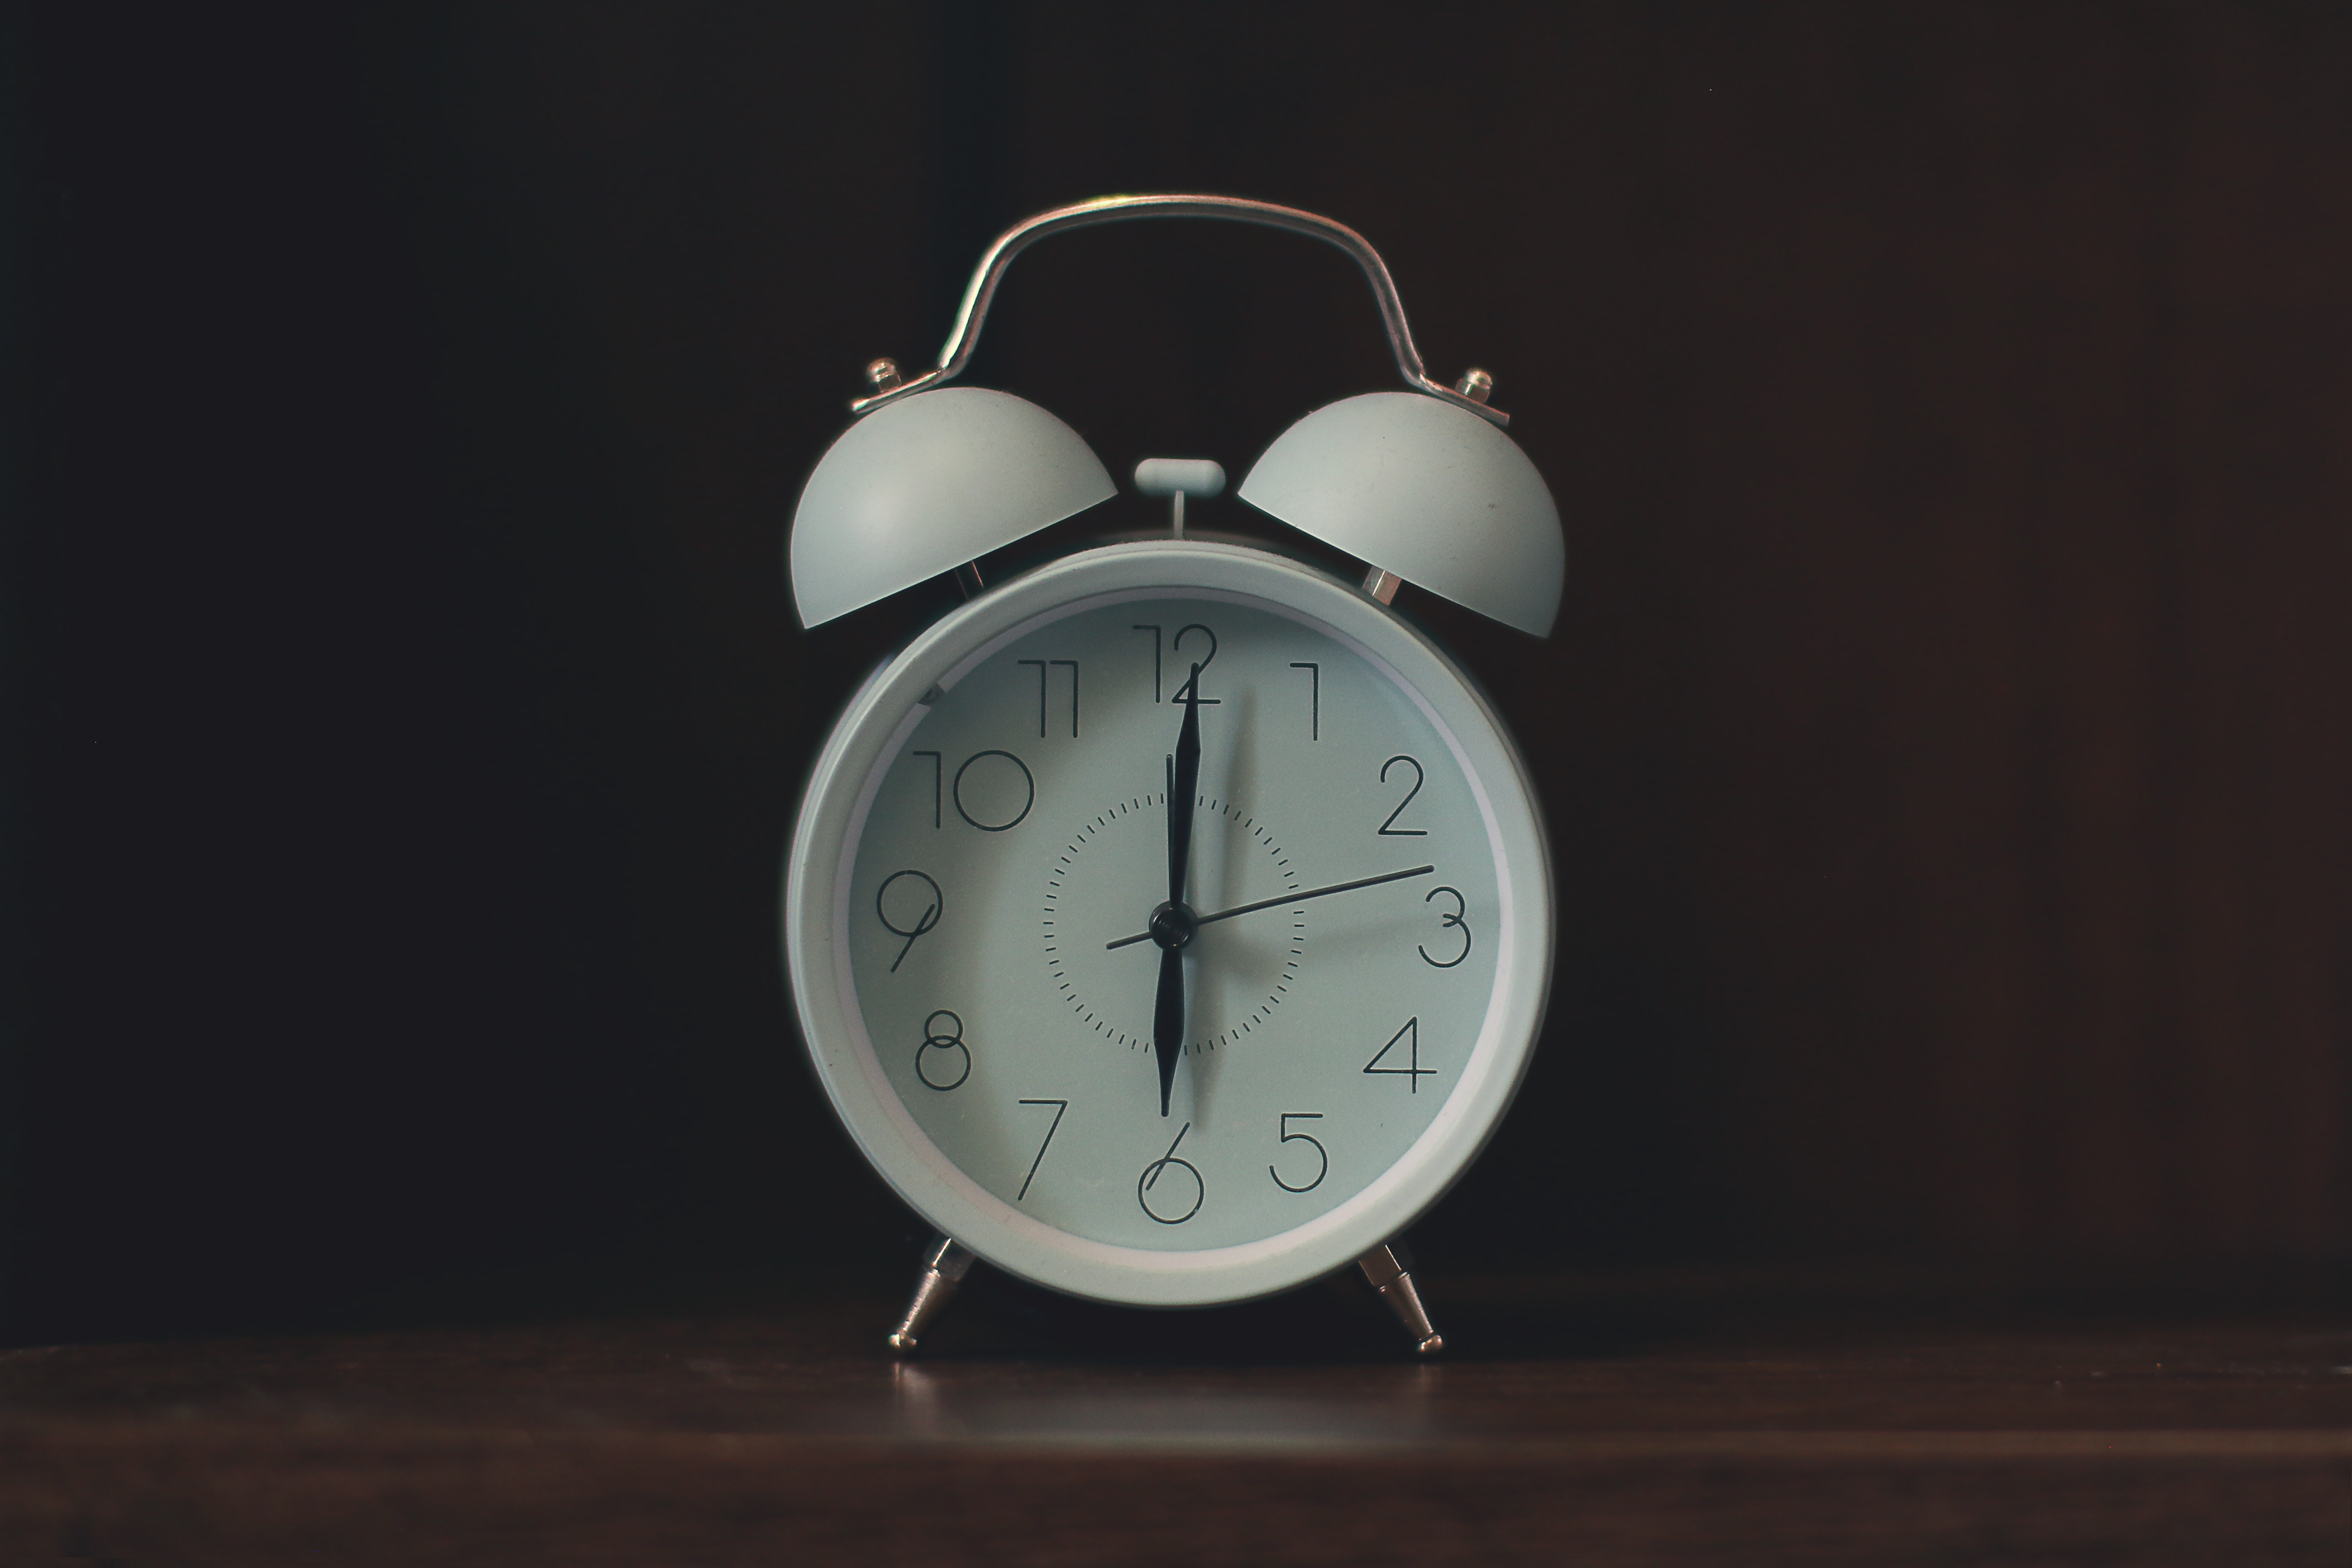 White alarm clock